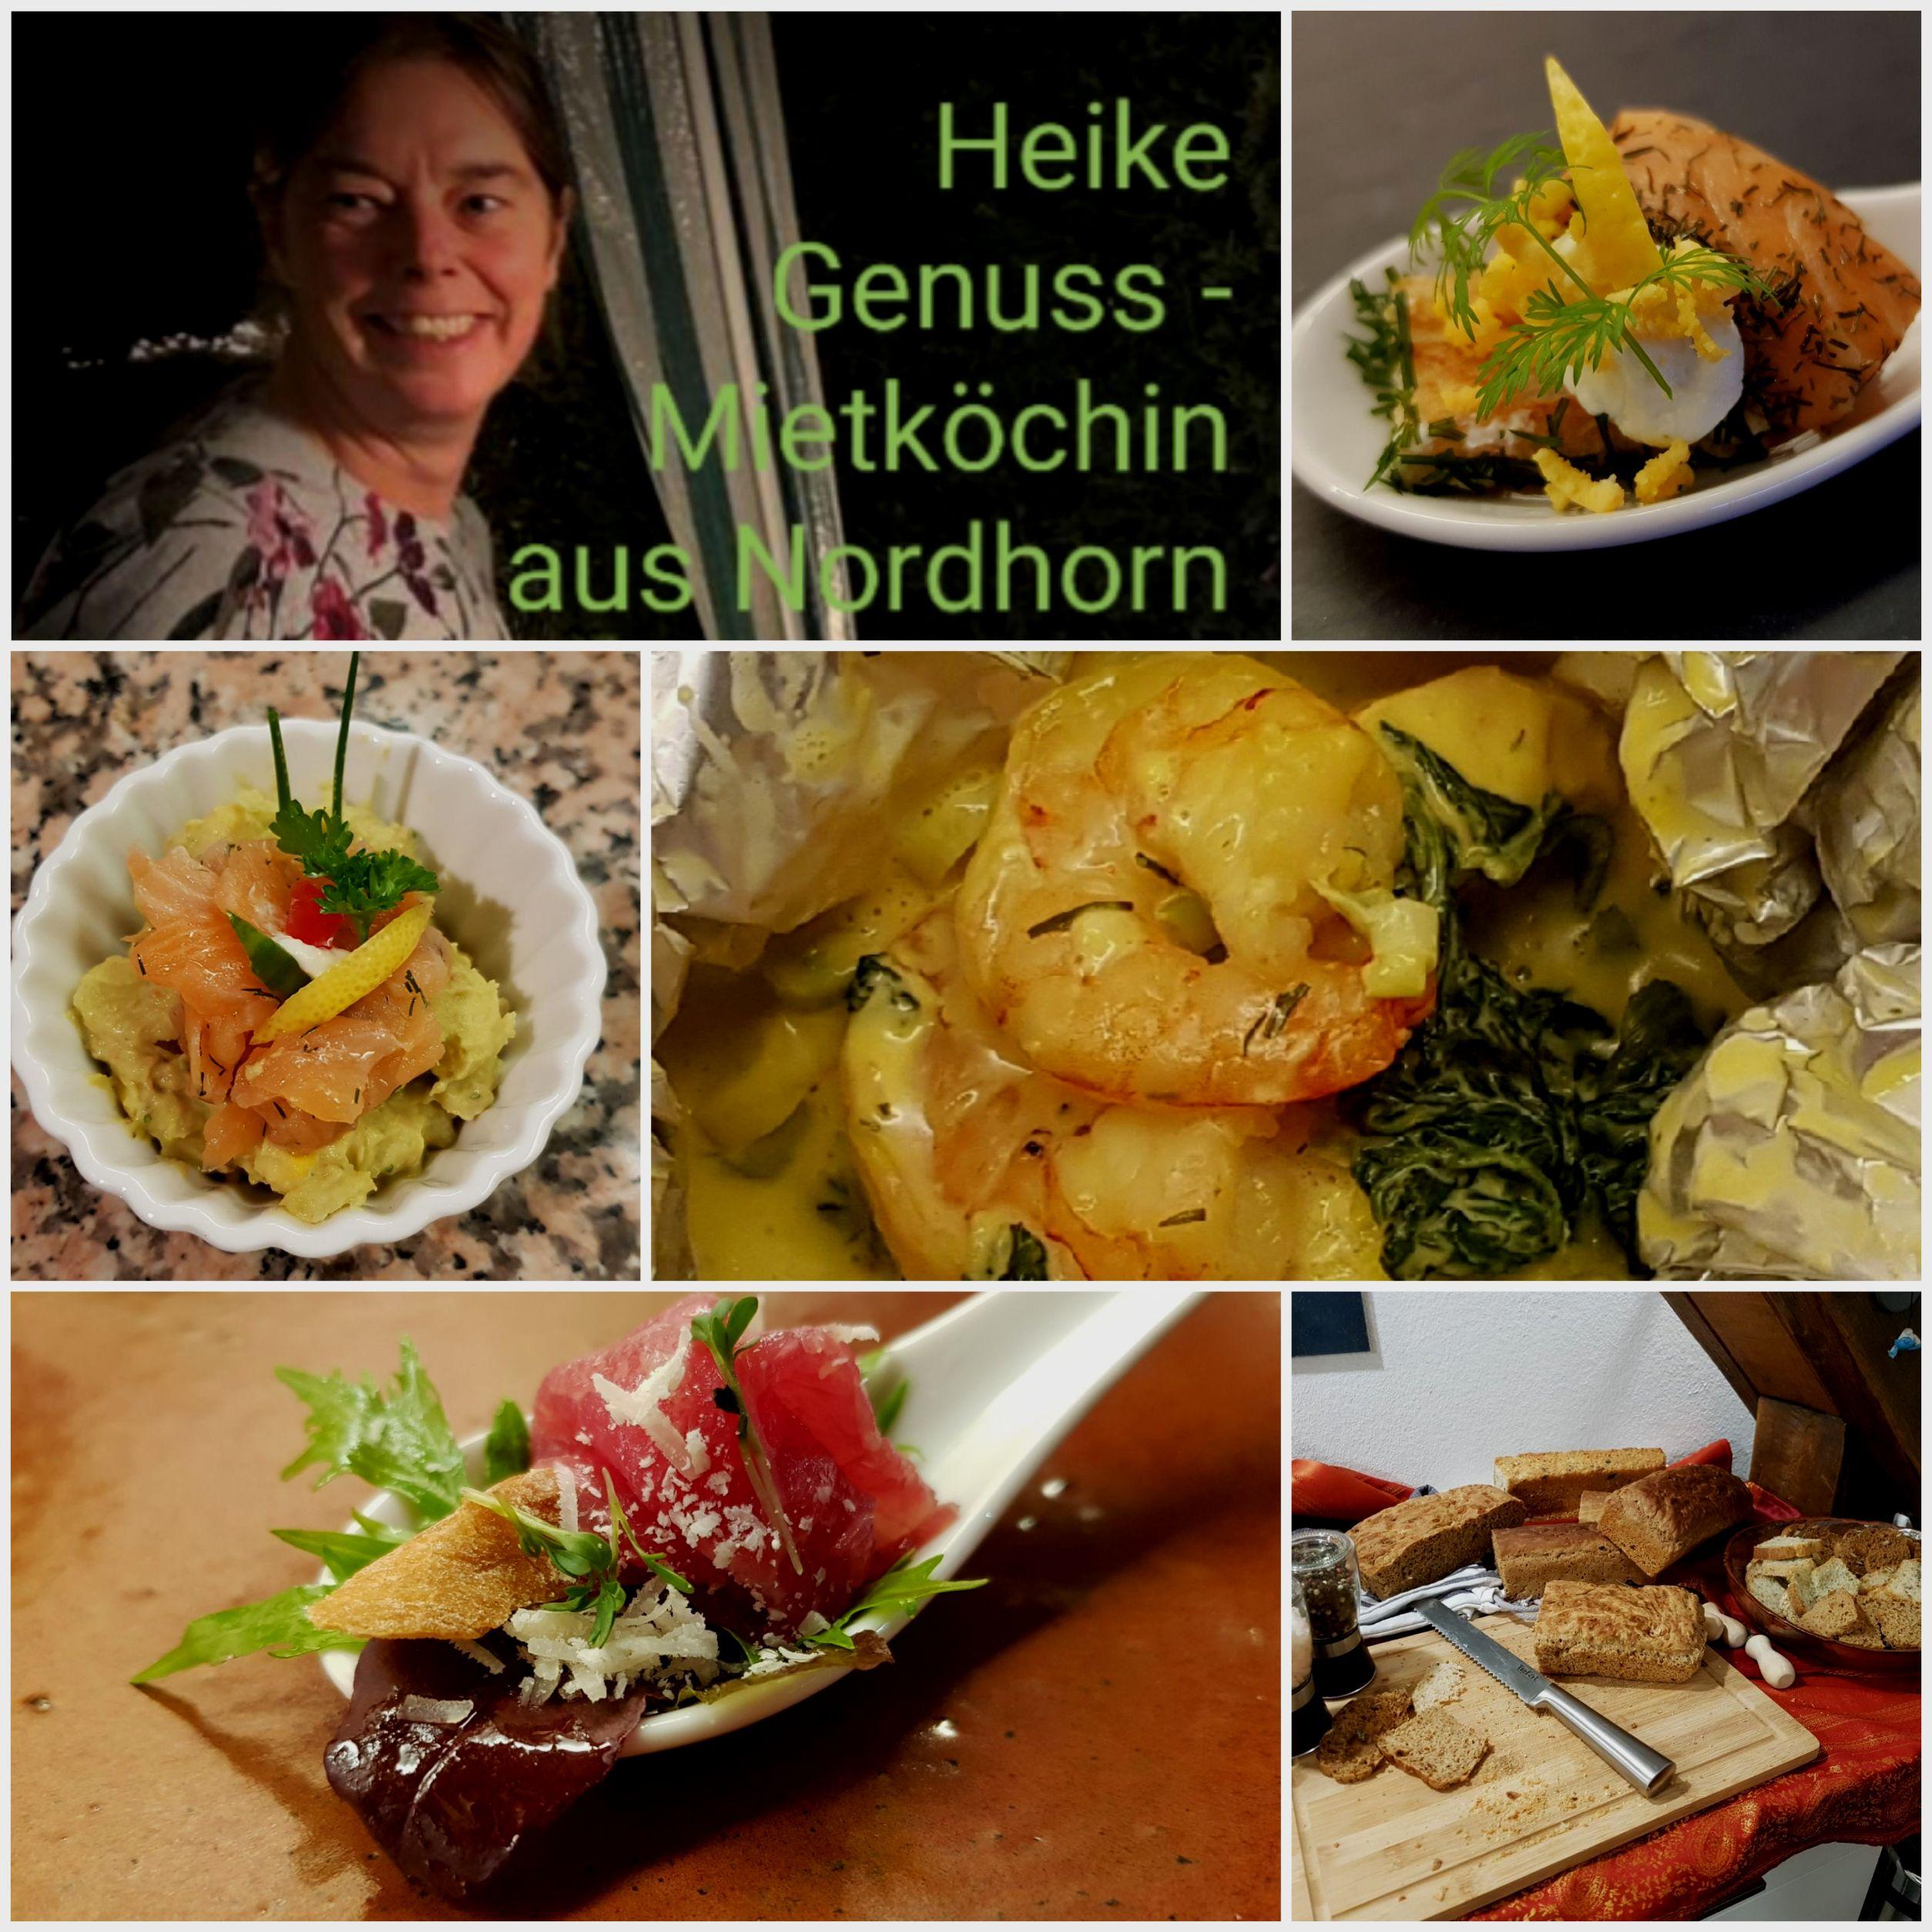 Heikes-Genuss, Mietköchin aus Nordhorn